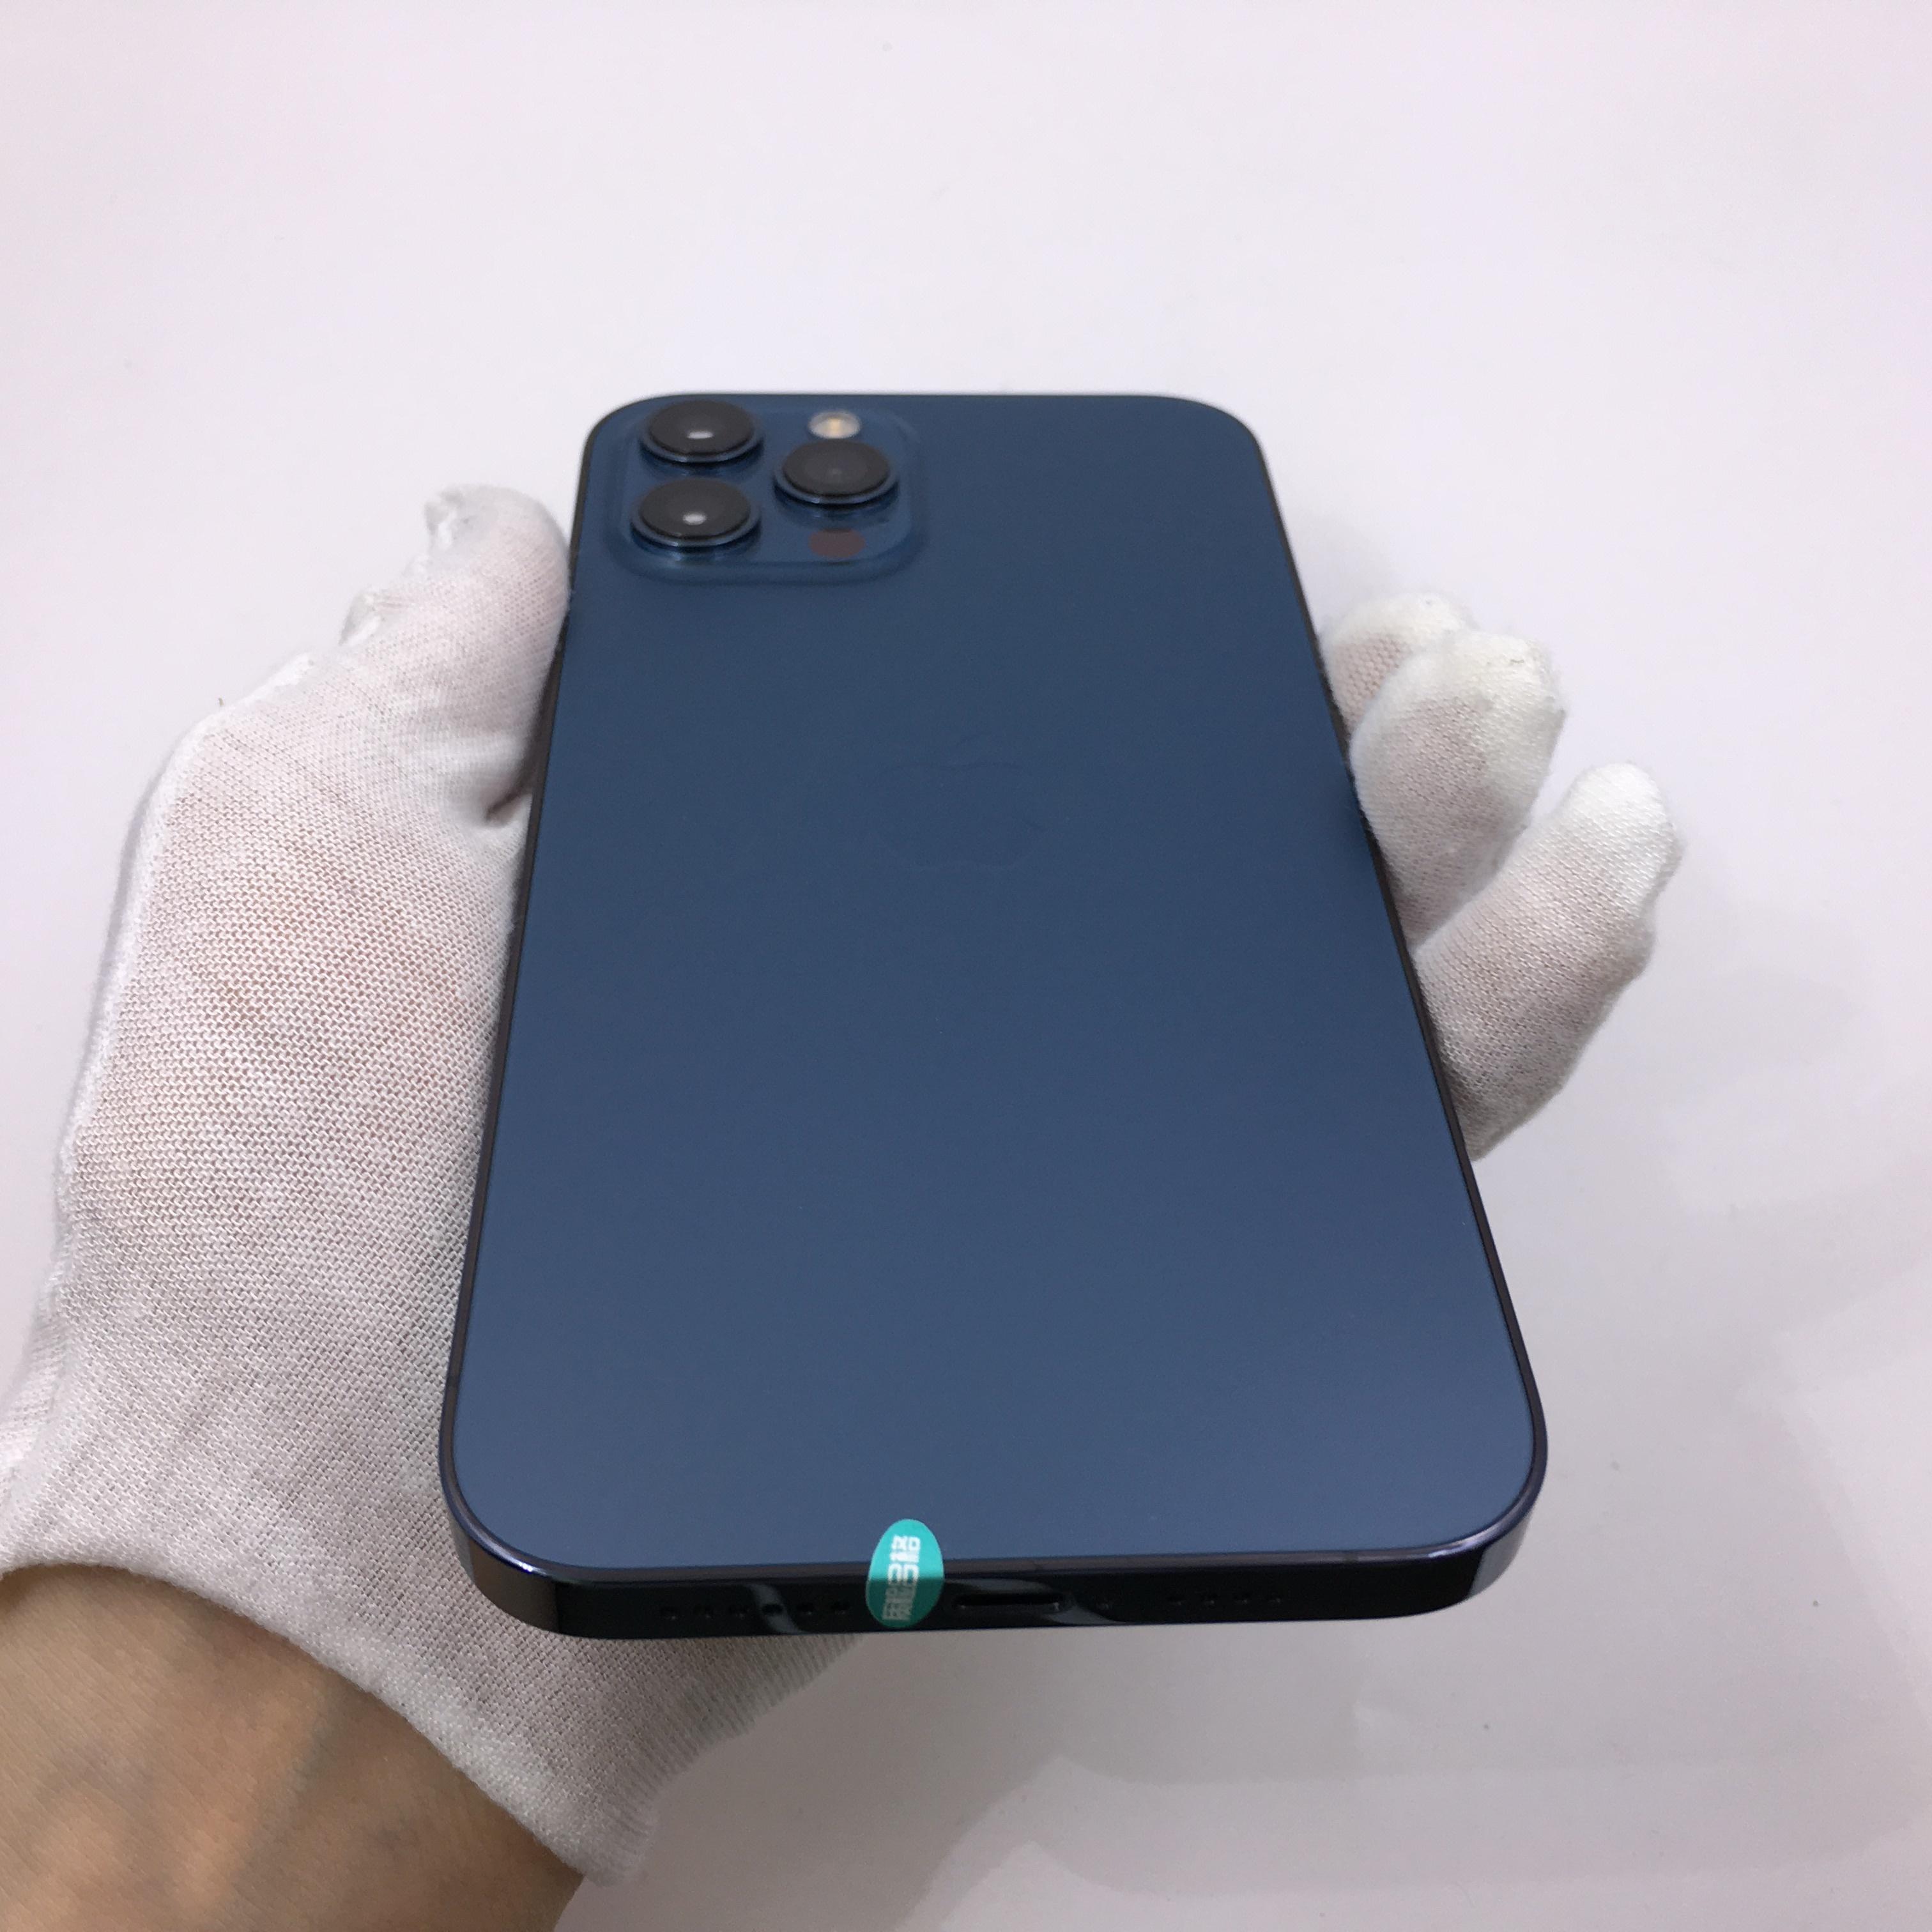 苹果【iPhone 12 Pro Max】5G全网通 海蓝色 128G 国行 99新